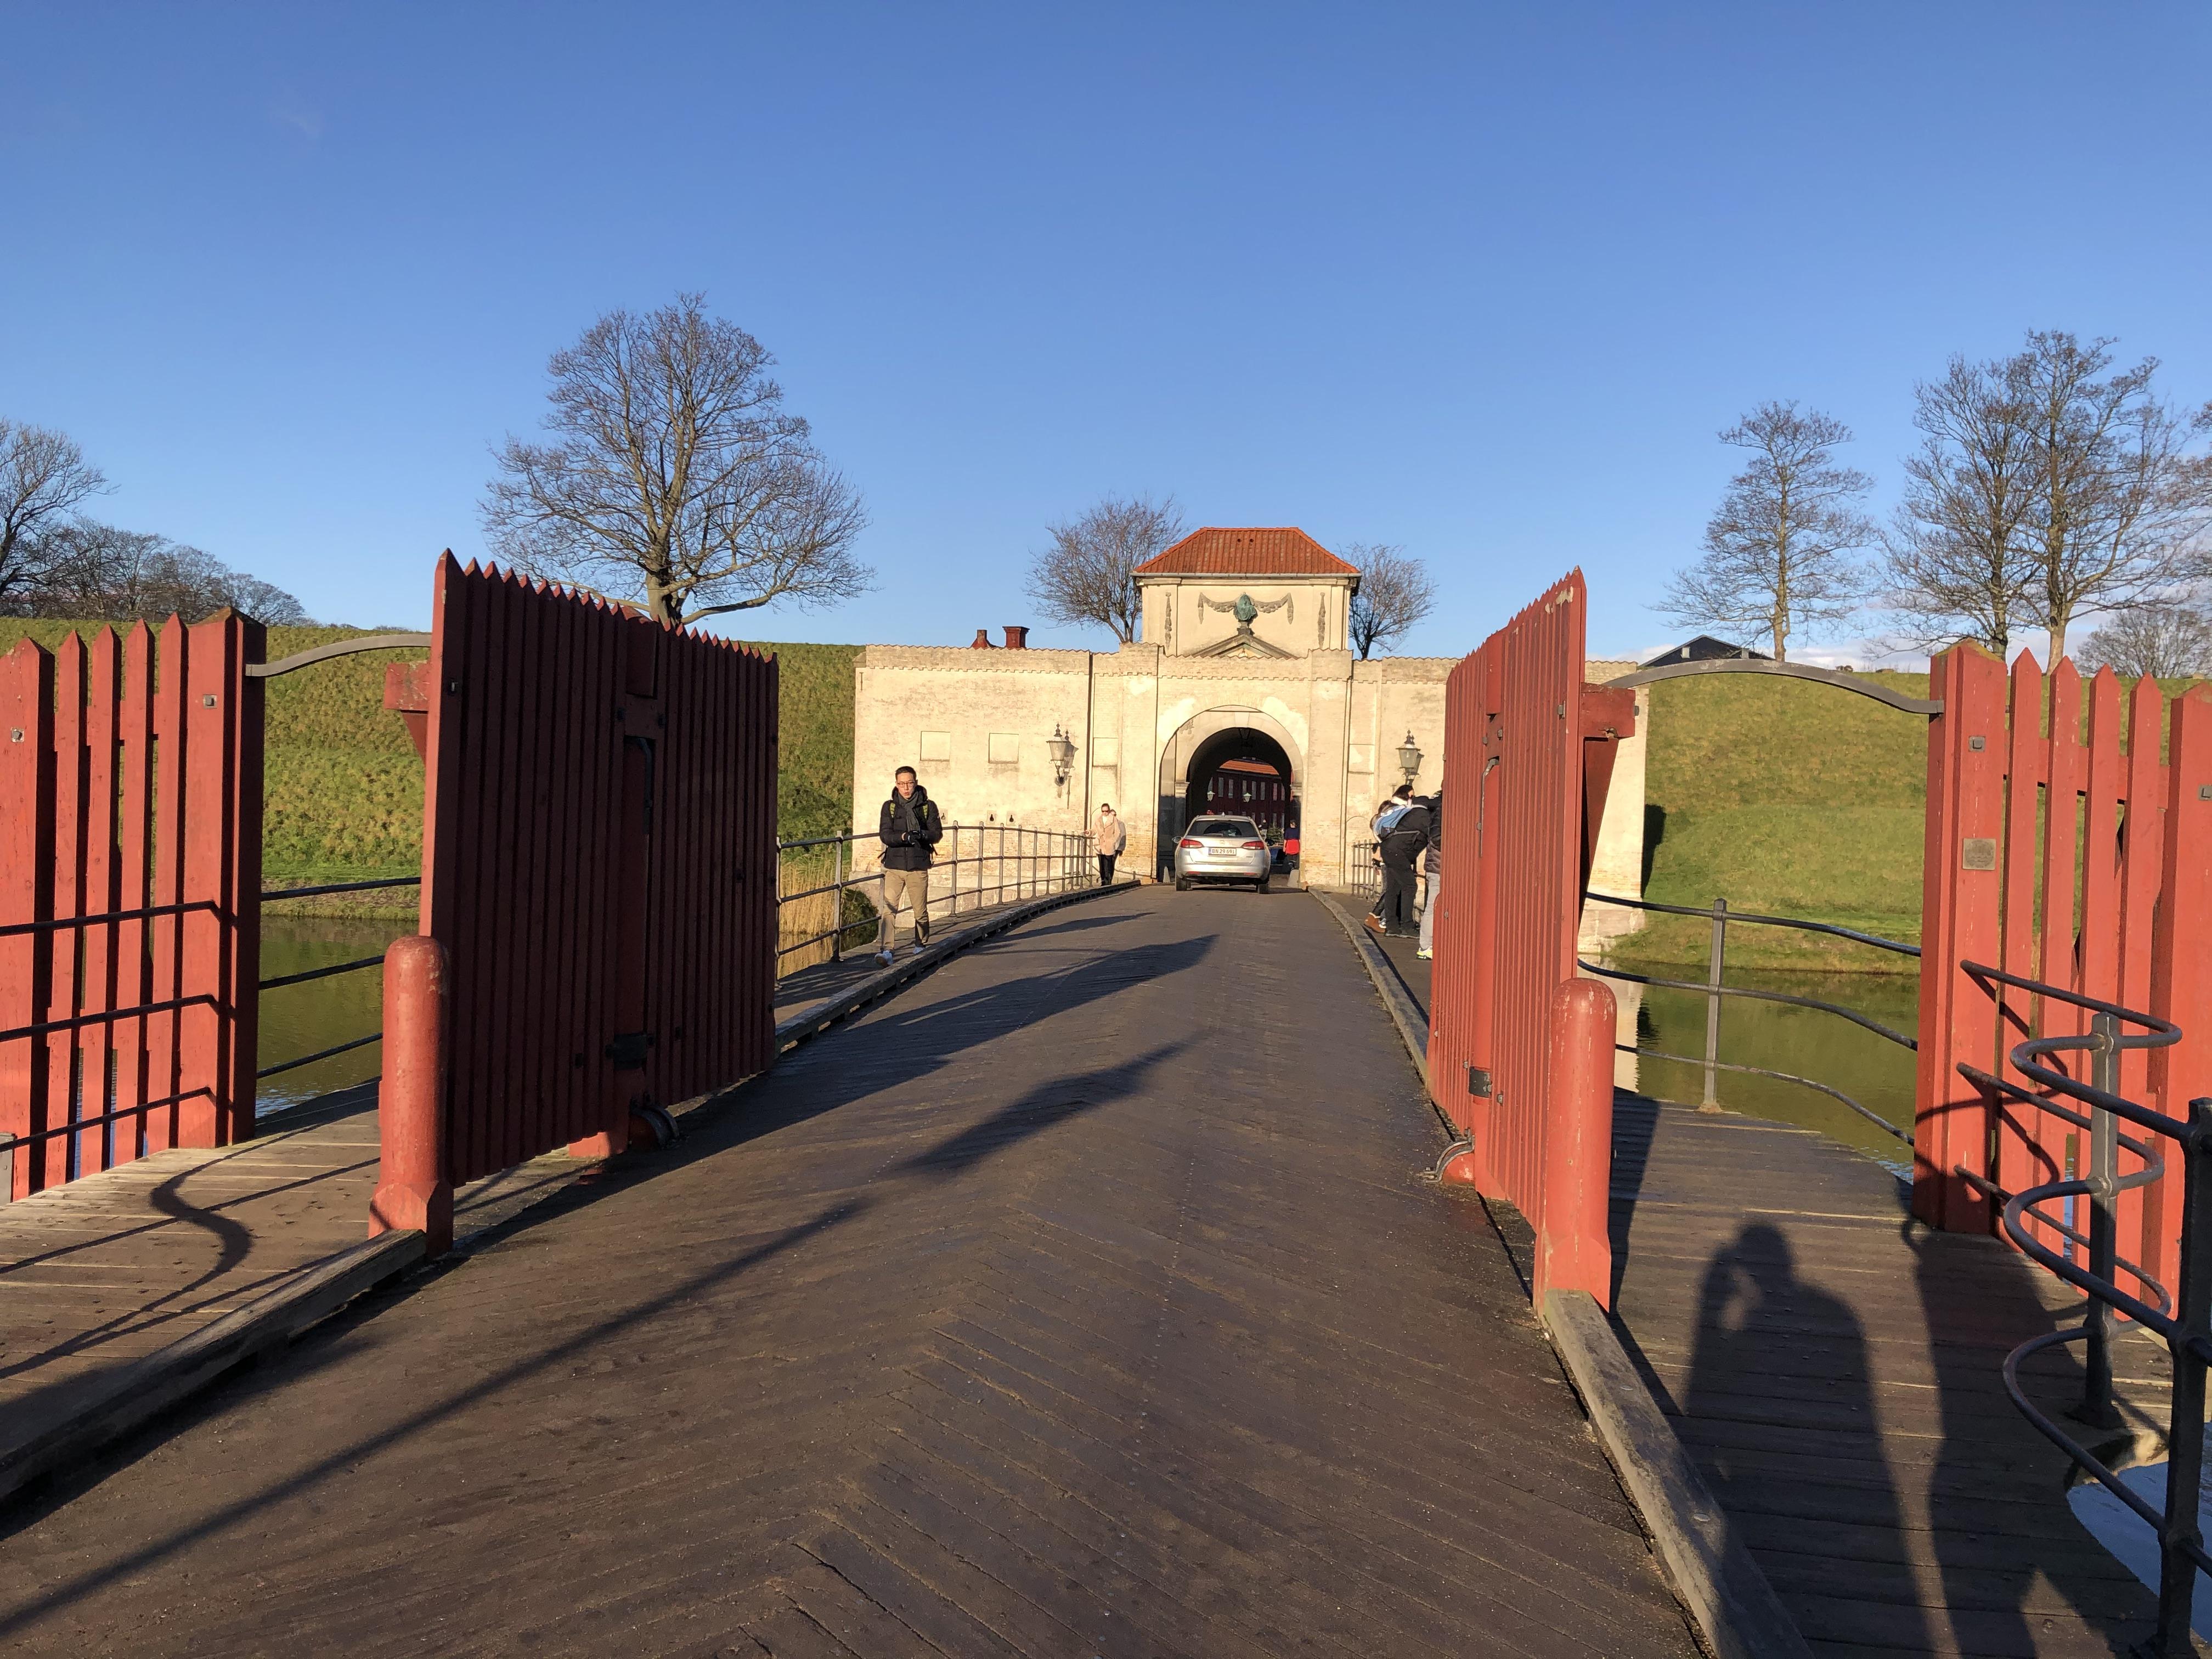 Kastellet Fortress